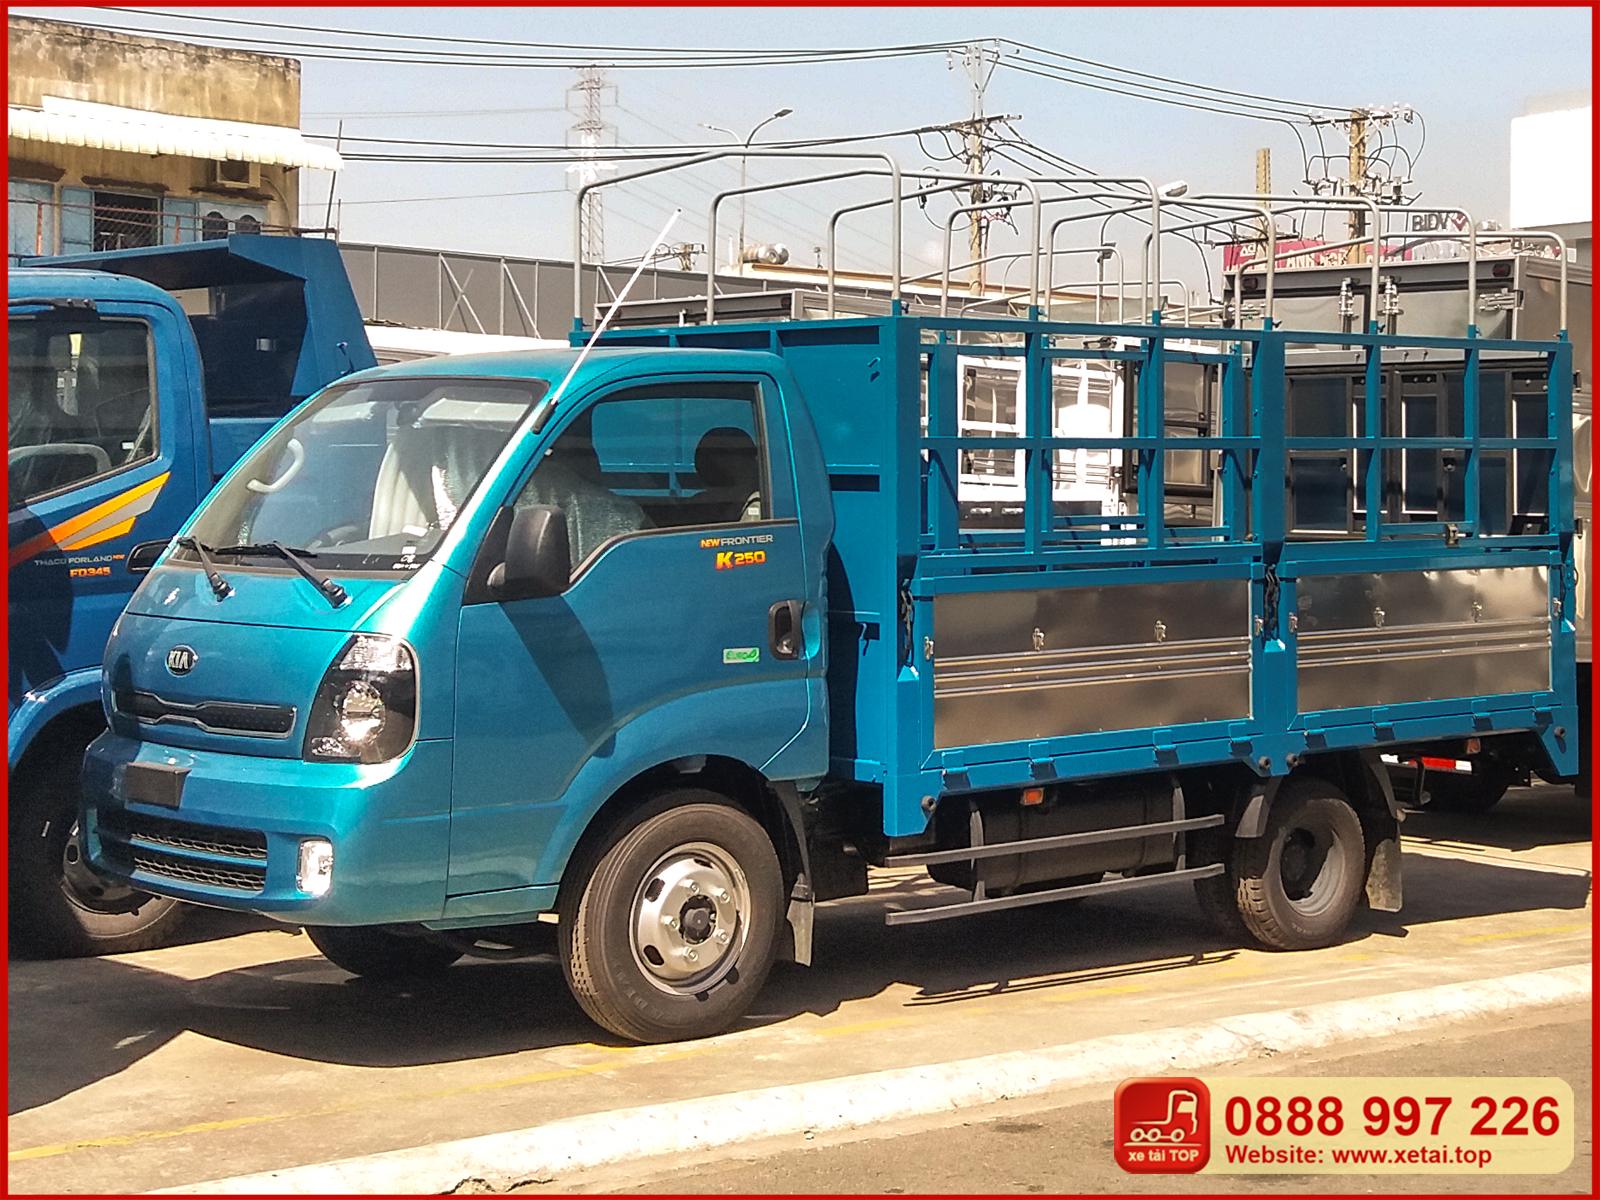 xe-tải-kia-thaco-k250-thùng-bạt-tải-trọng-2t4